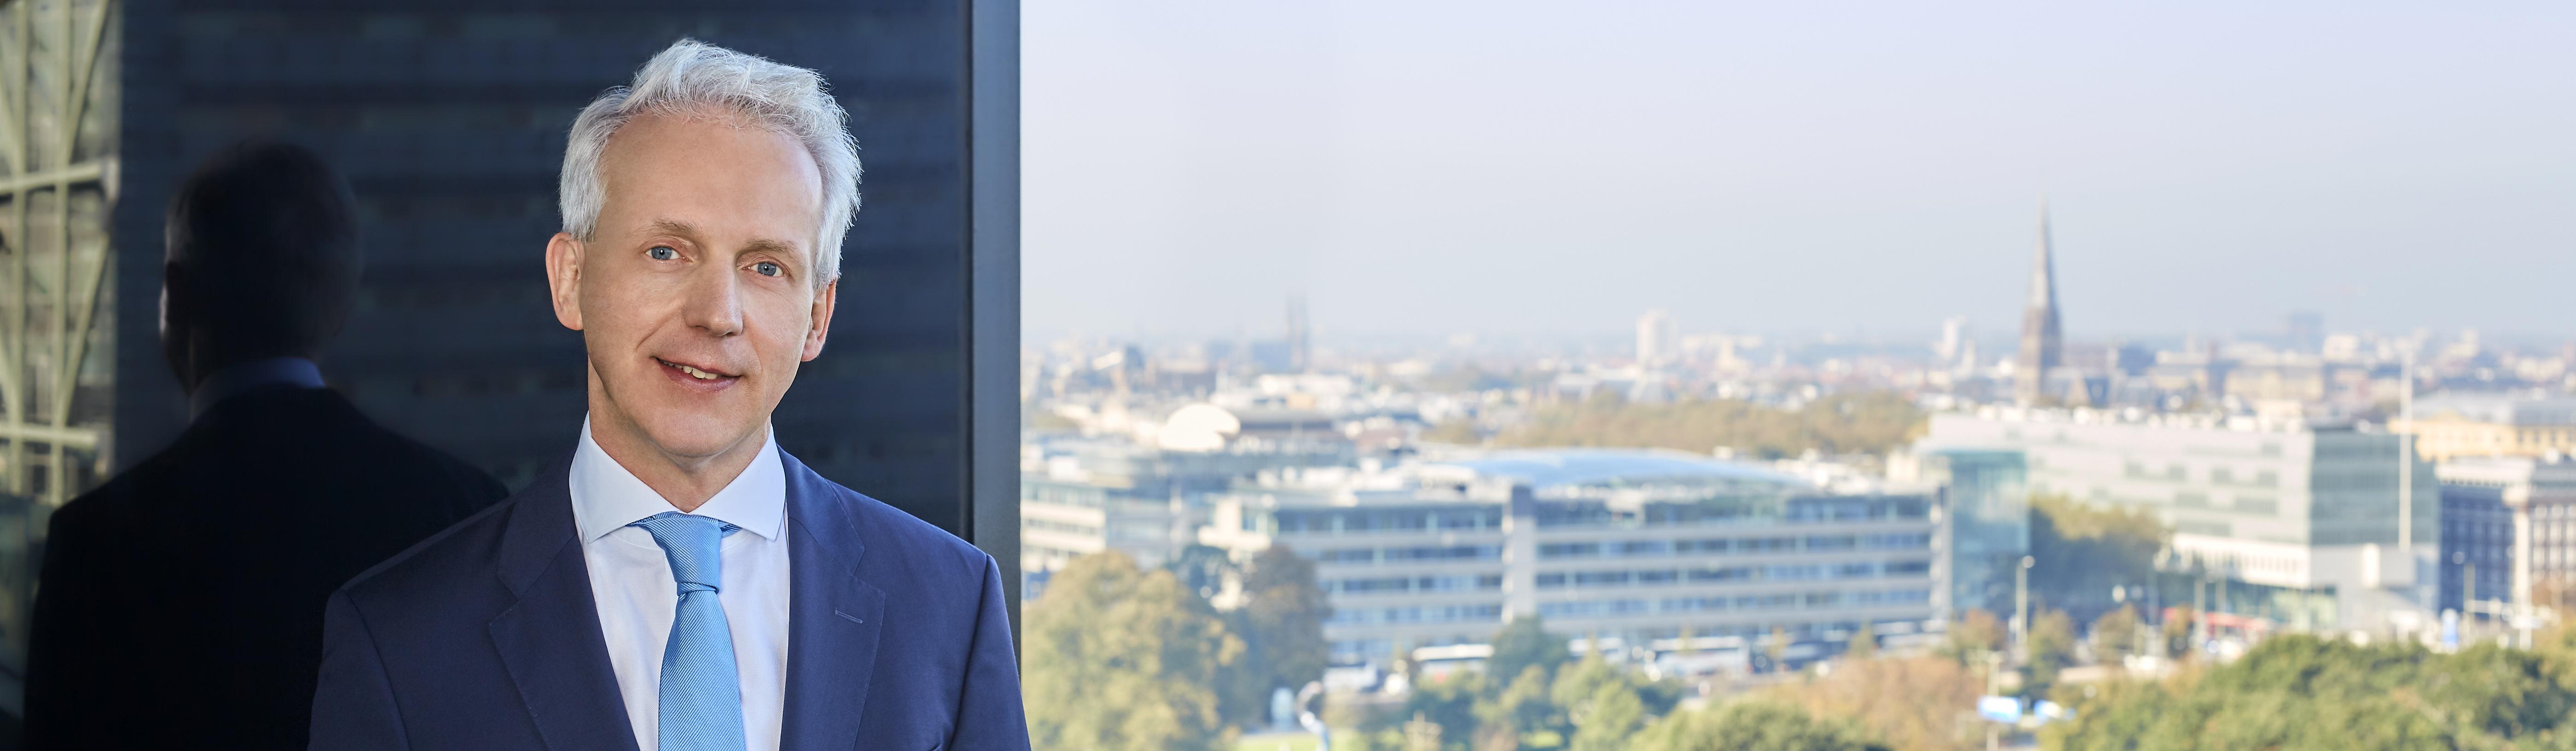 Hans van Wijk, advocaat Pels Rijcken